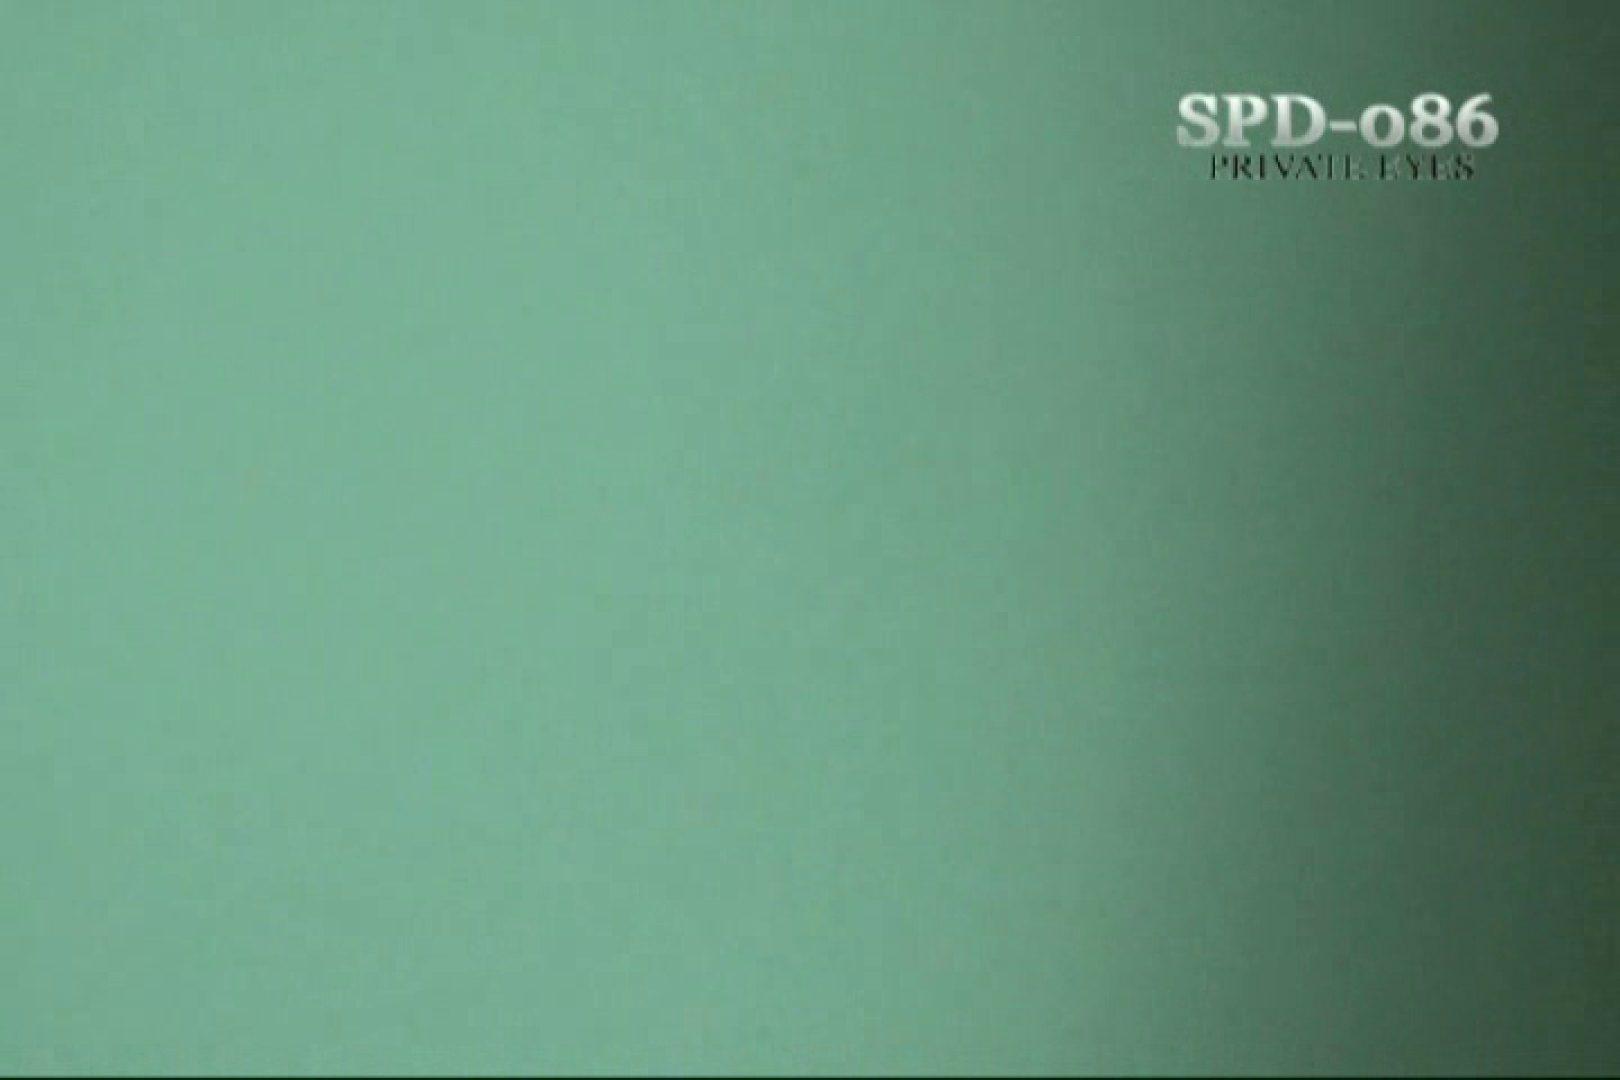 高画質版!SPD-086 盗撮・厠の隙間 3 ~厠盗撮に革命前代未分の映像~ 厠・・・ アダルト動画キャプチャ 97PIX 92